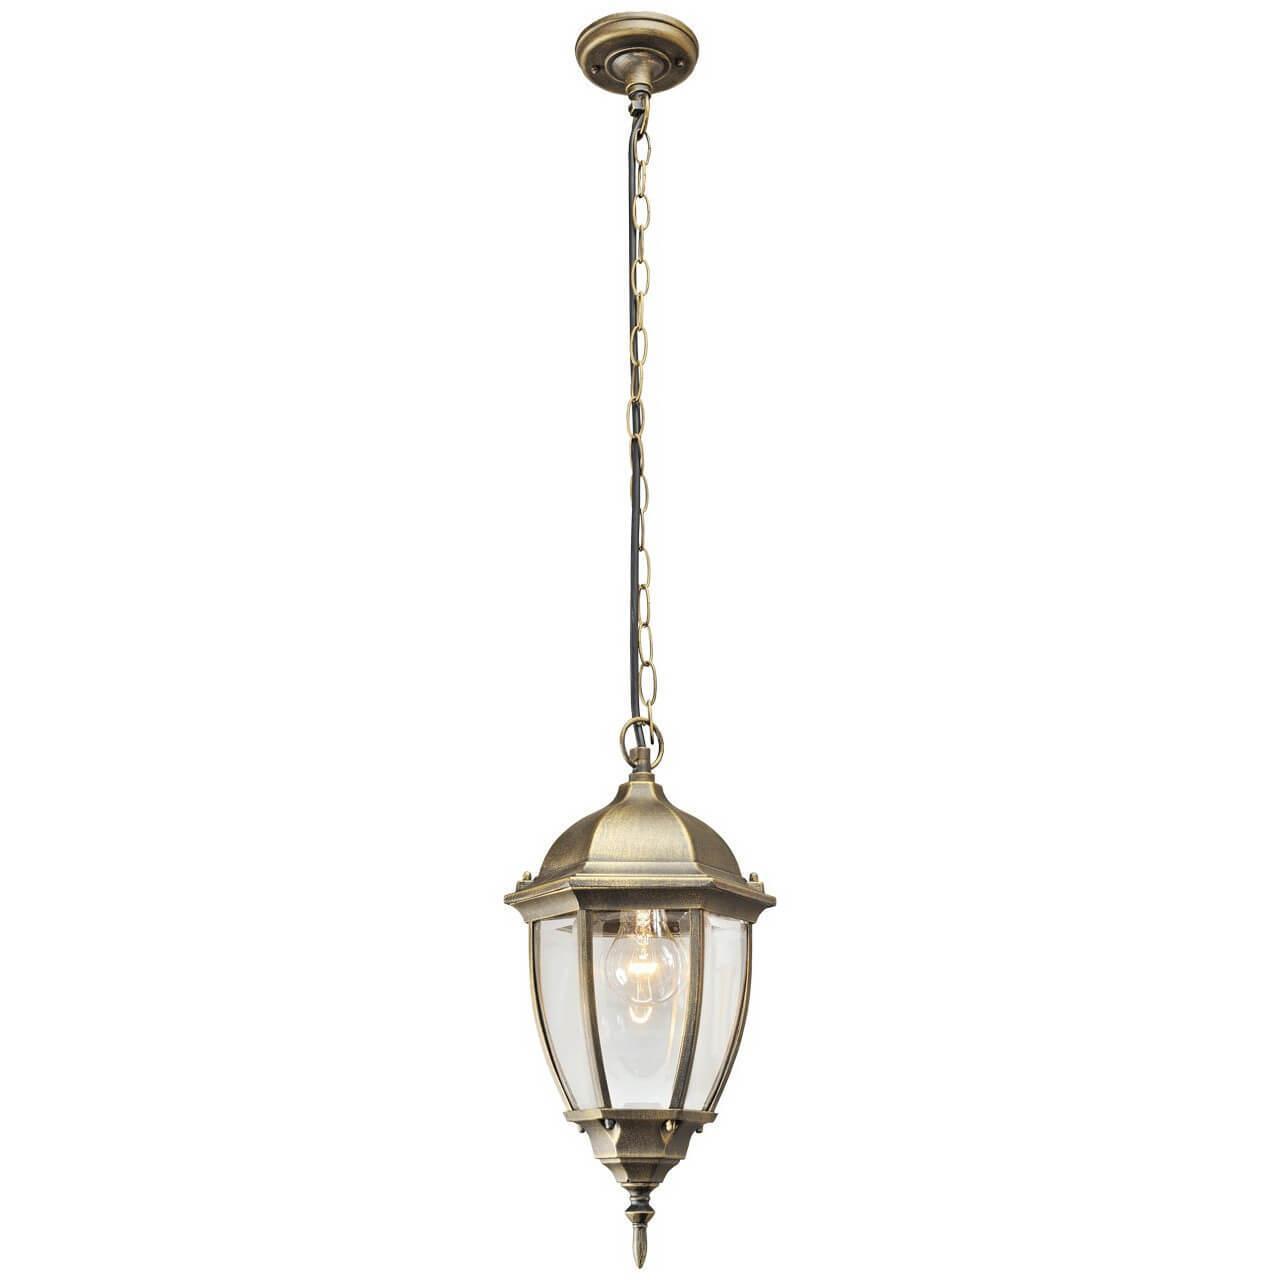 Уличный светильник MW-Light 804010401, E27 mw light уличный светильник mw light фабур 804040301